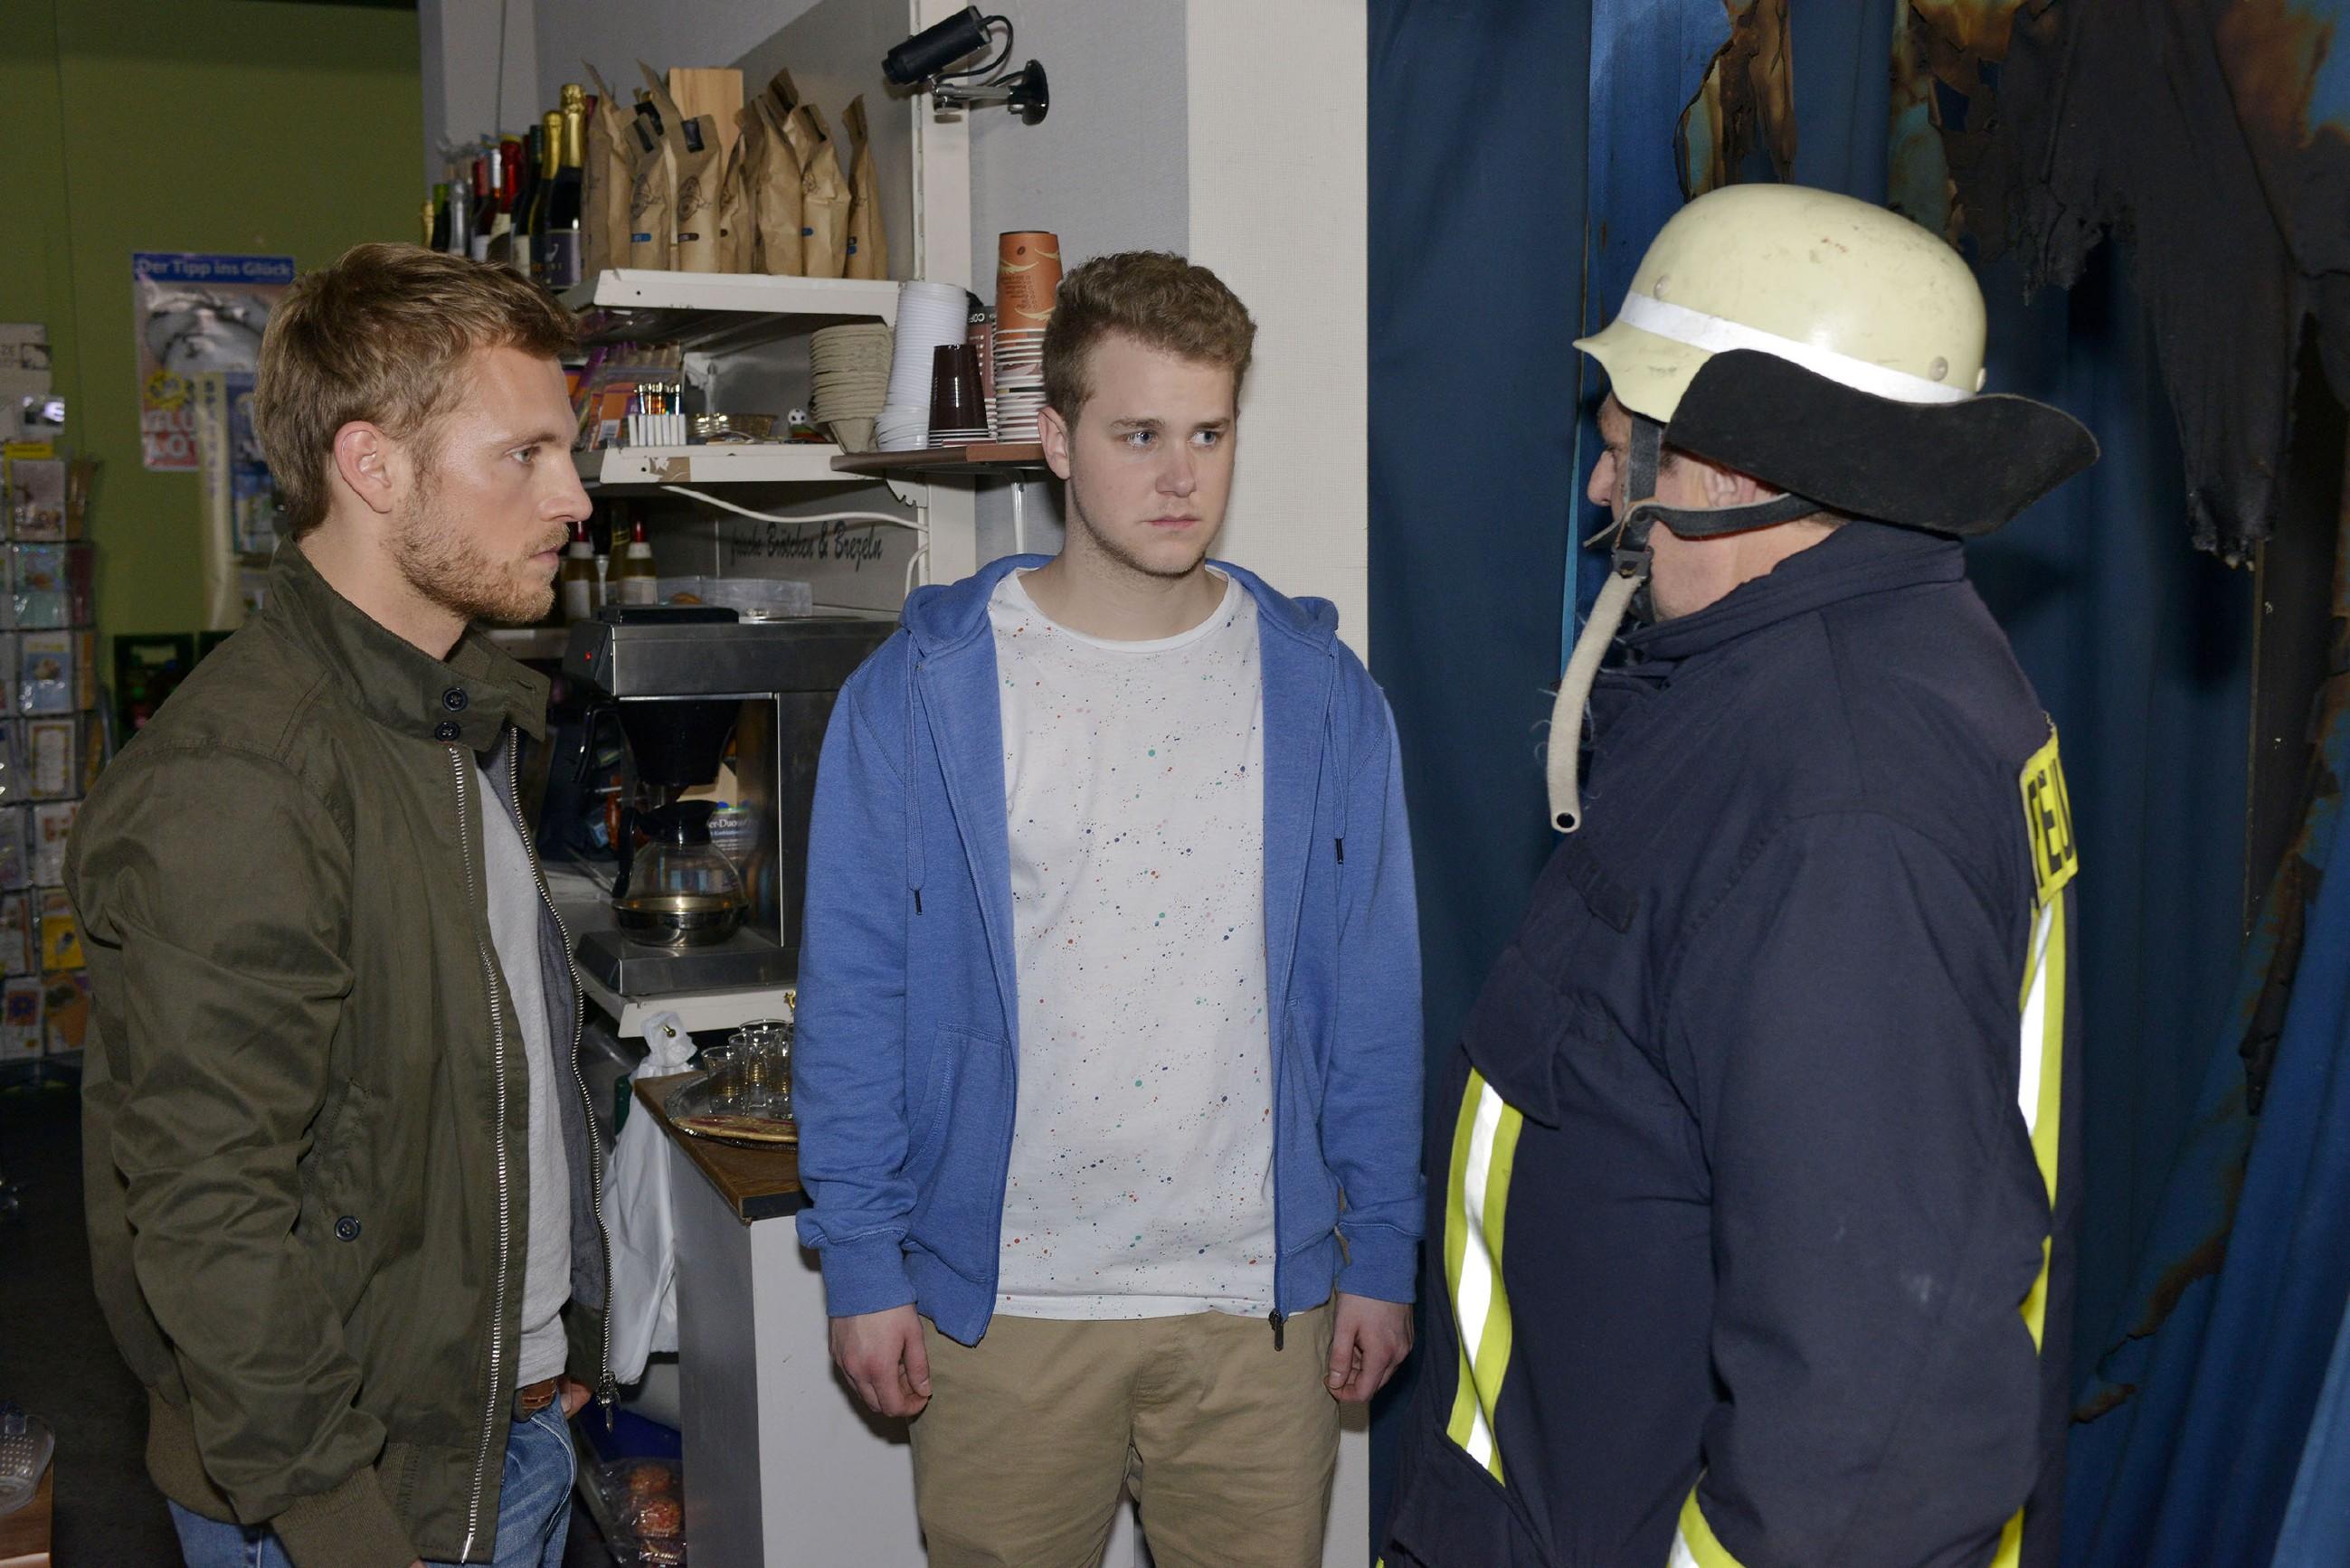 Paul (Niklas Osterloh, l.) und die Feuerwehr (r. Komparse) können verhindern, dass Jonas (Felix van Deventer, M.) den Spätkauf völlig verwüstet. (Quelle: RTL / Rolf Baumgartner)